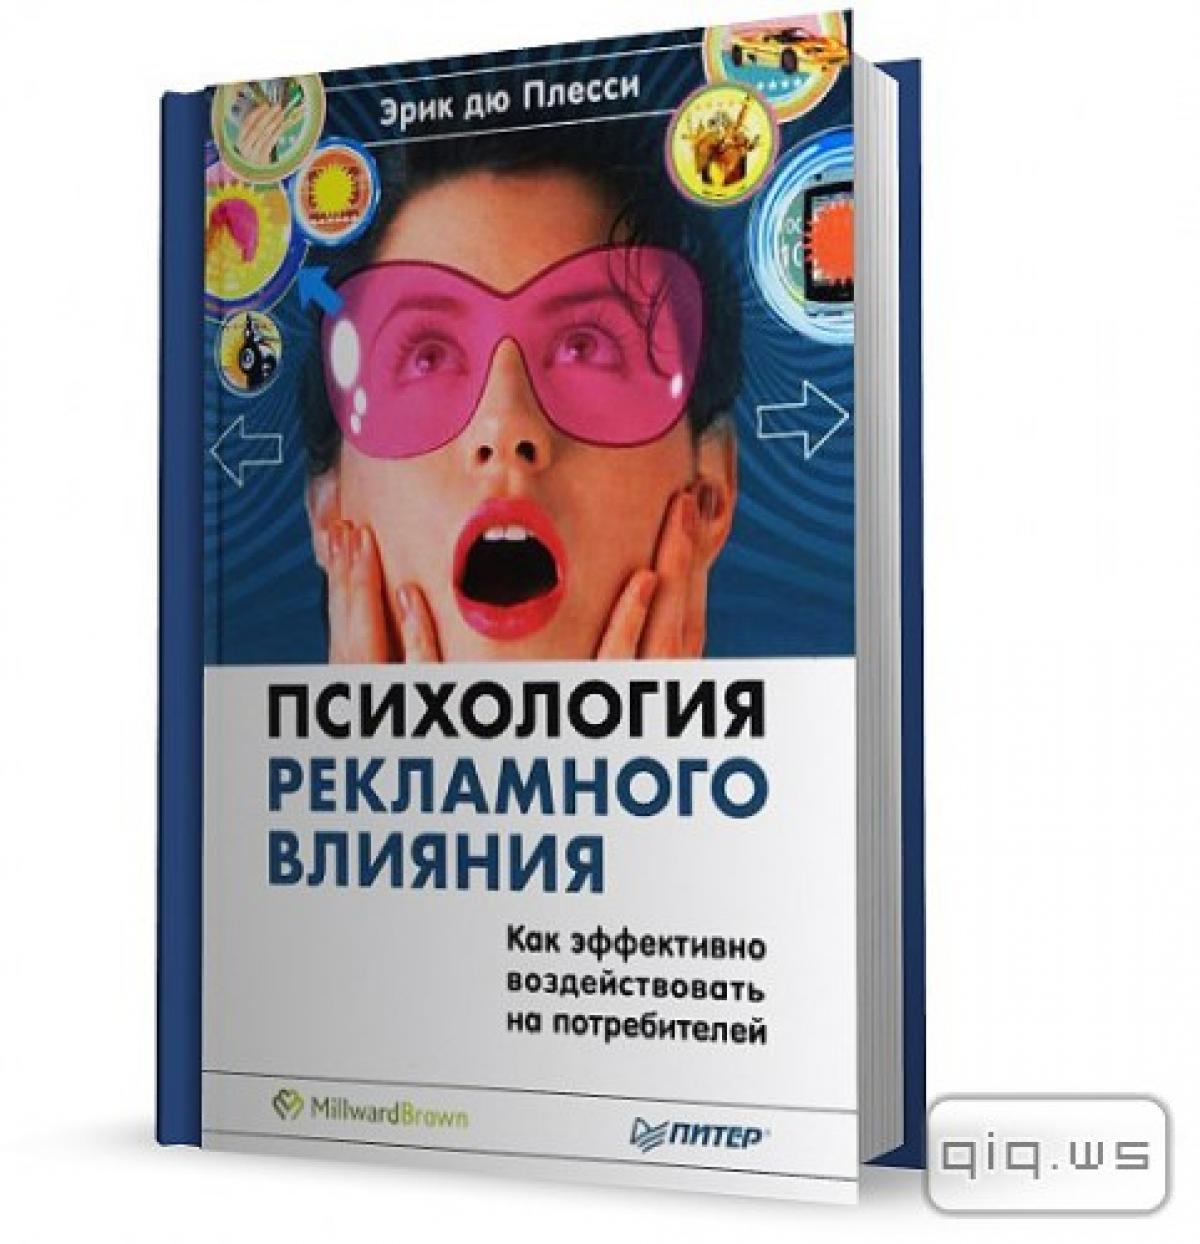 Обложка книги:  плесси э. - психология рекламного влияния. как эффективно воздействовать на потребителей